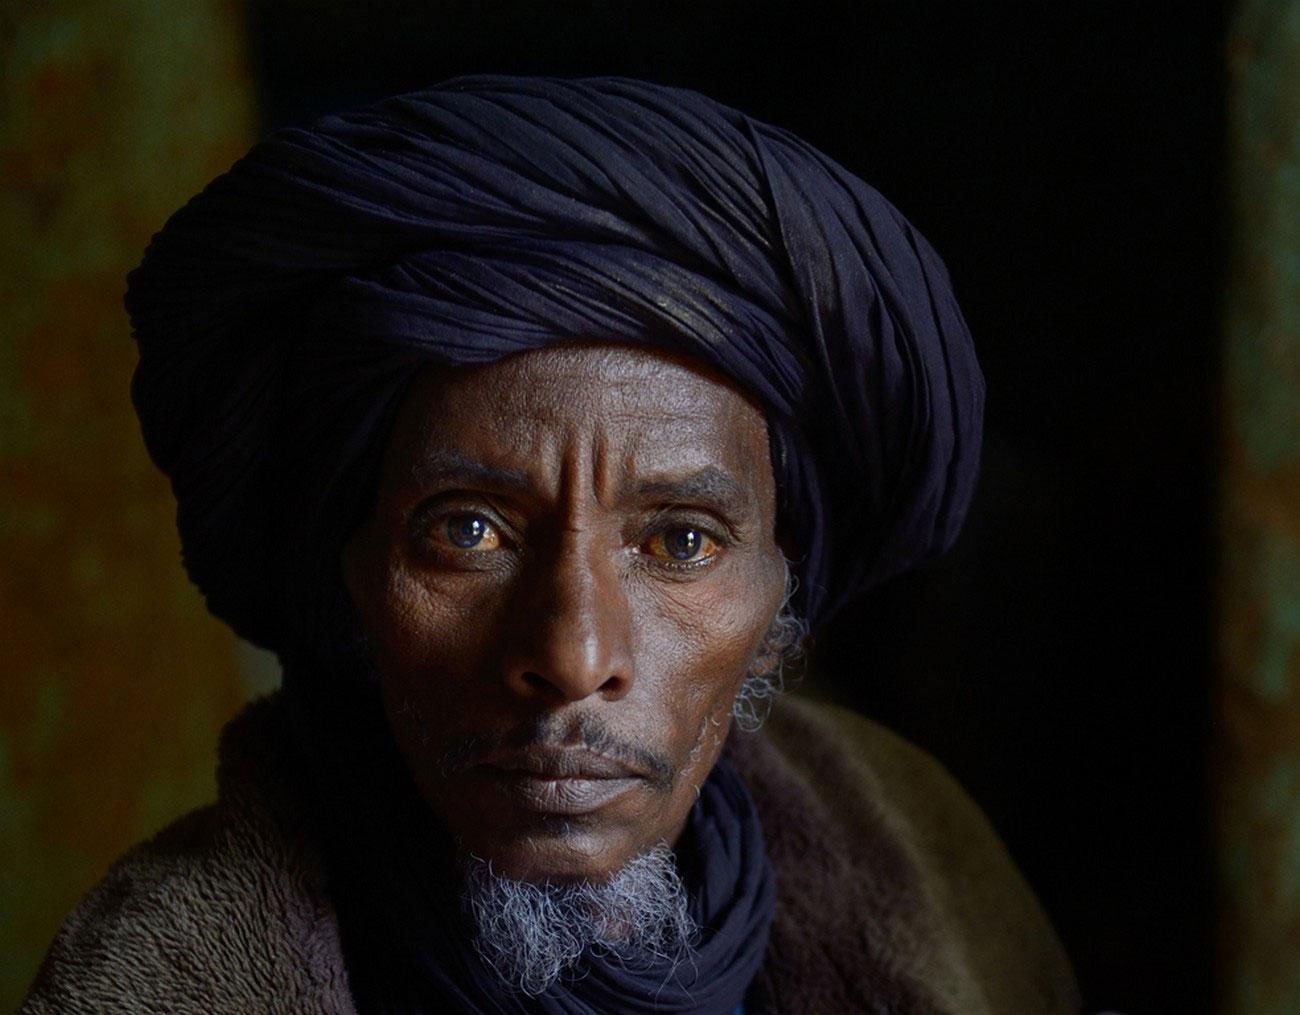 малиец в своем доме, фото Мали